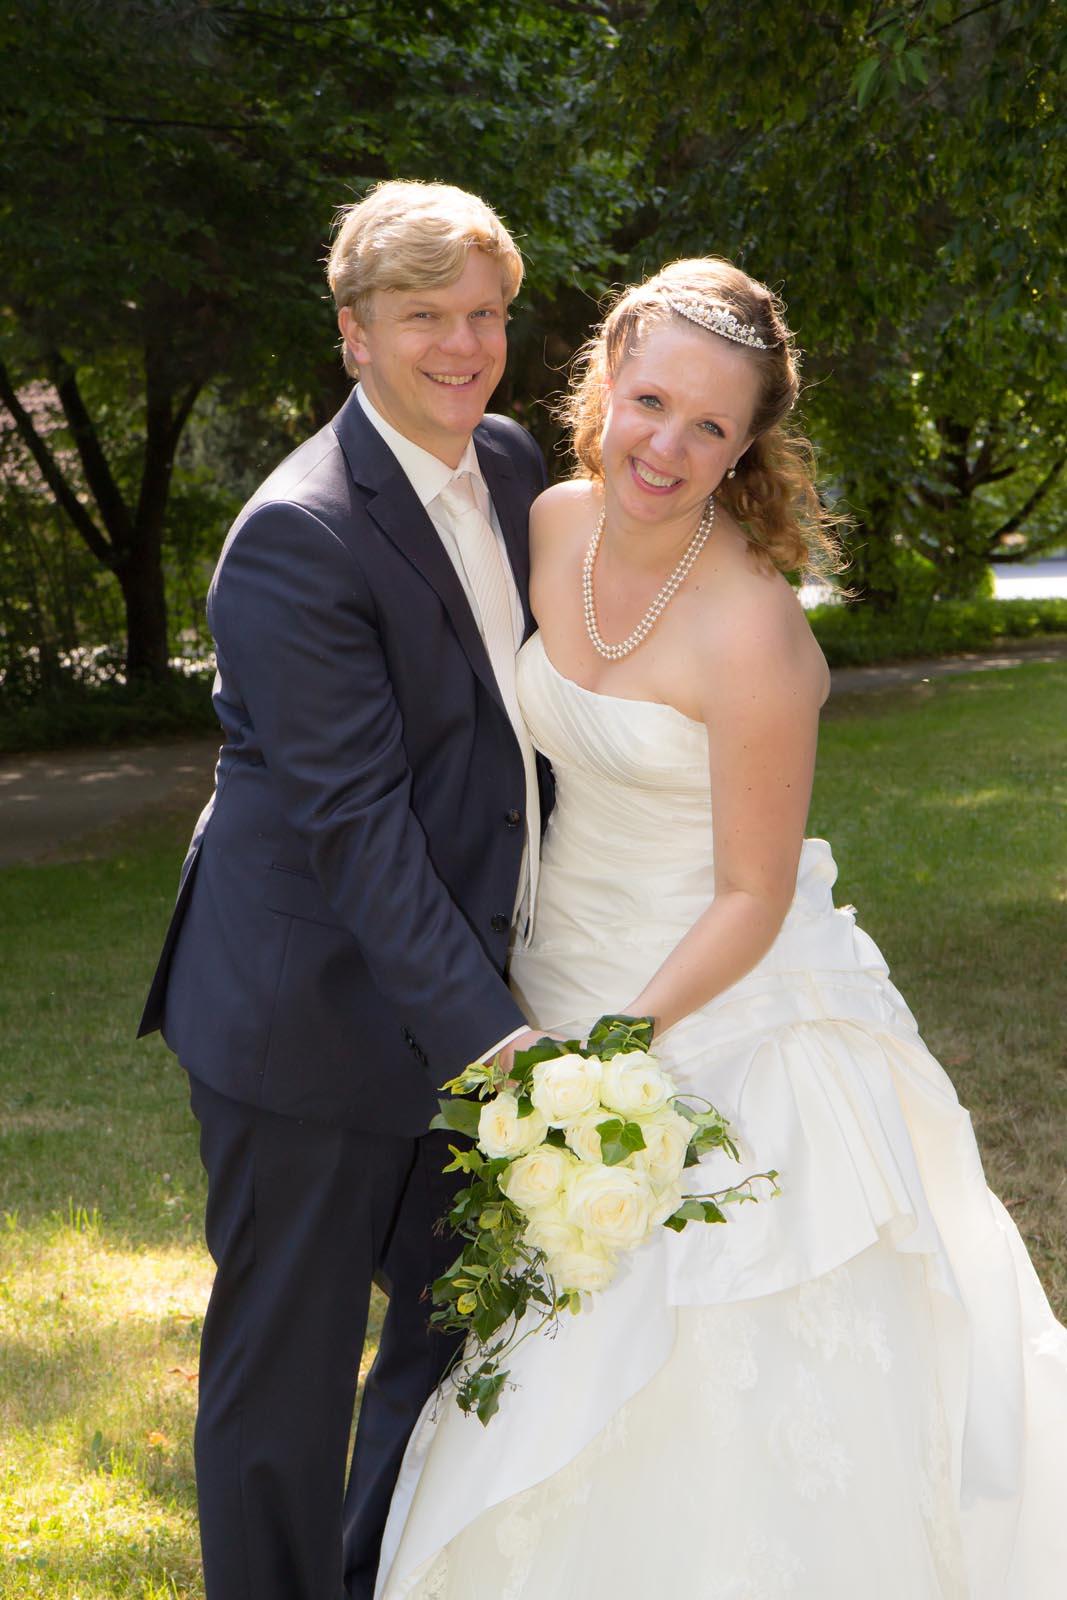 Hochzeit-Portraits-Oettl-Hochzeit-Oettl-2870.jpg